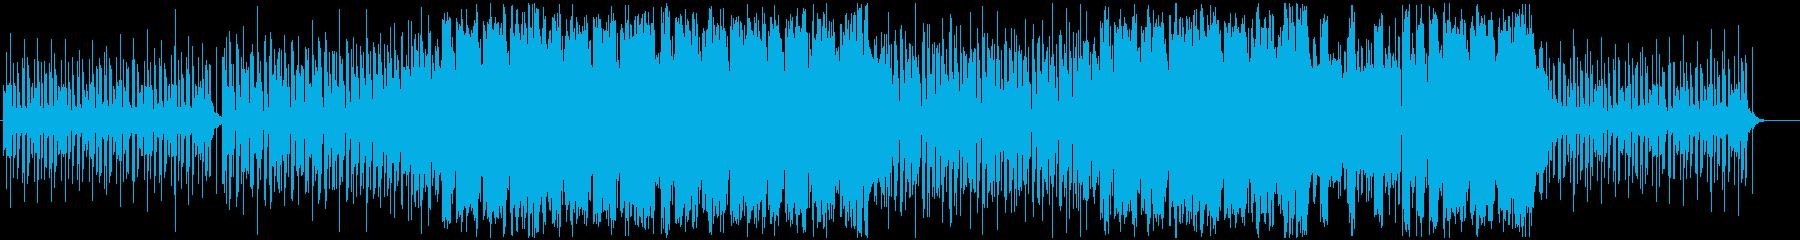 元気の出るトロピカルハウス 声有りの再生済みの波形